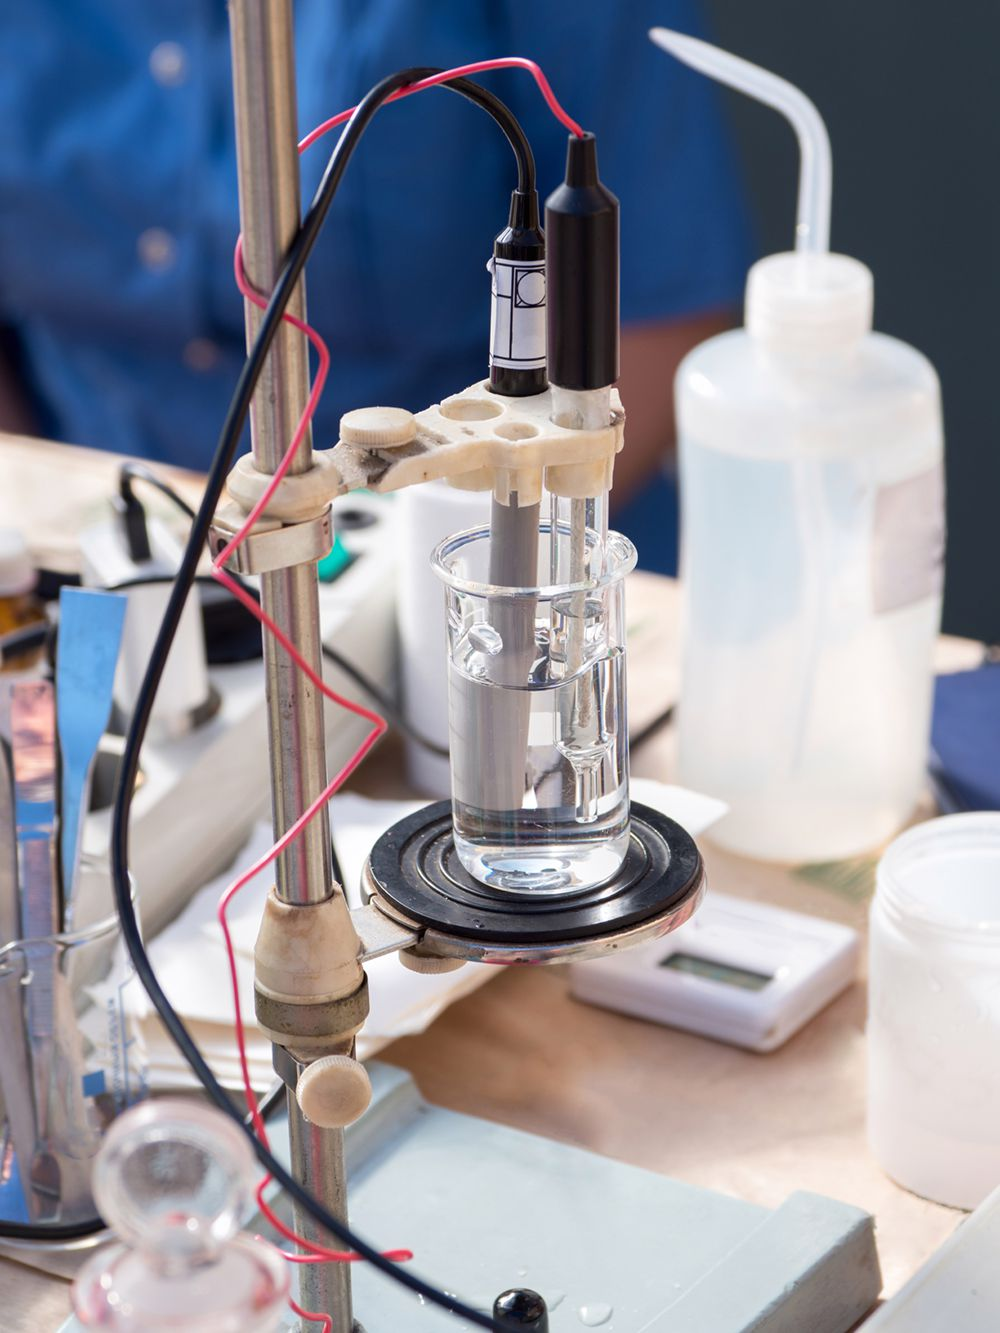 Проведення окремих аналізів (води, повітря, грунтів) і вимірювань фізичних факторів (радіації, електромагнітного поля, шуму, вібрації) - Фото №14